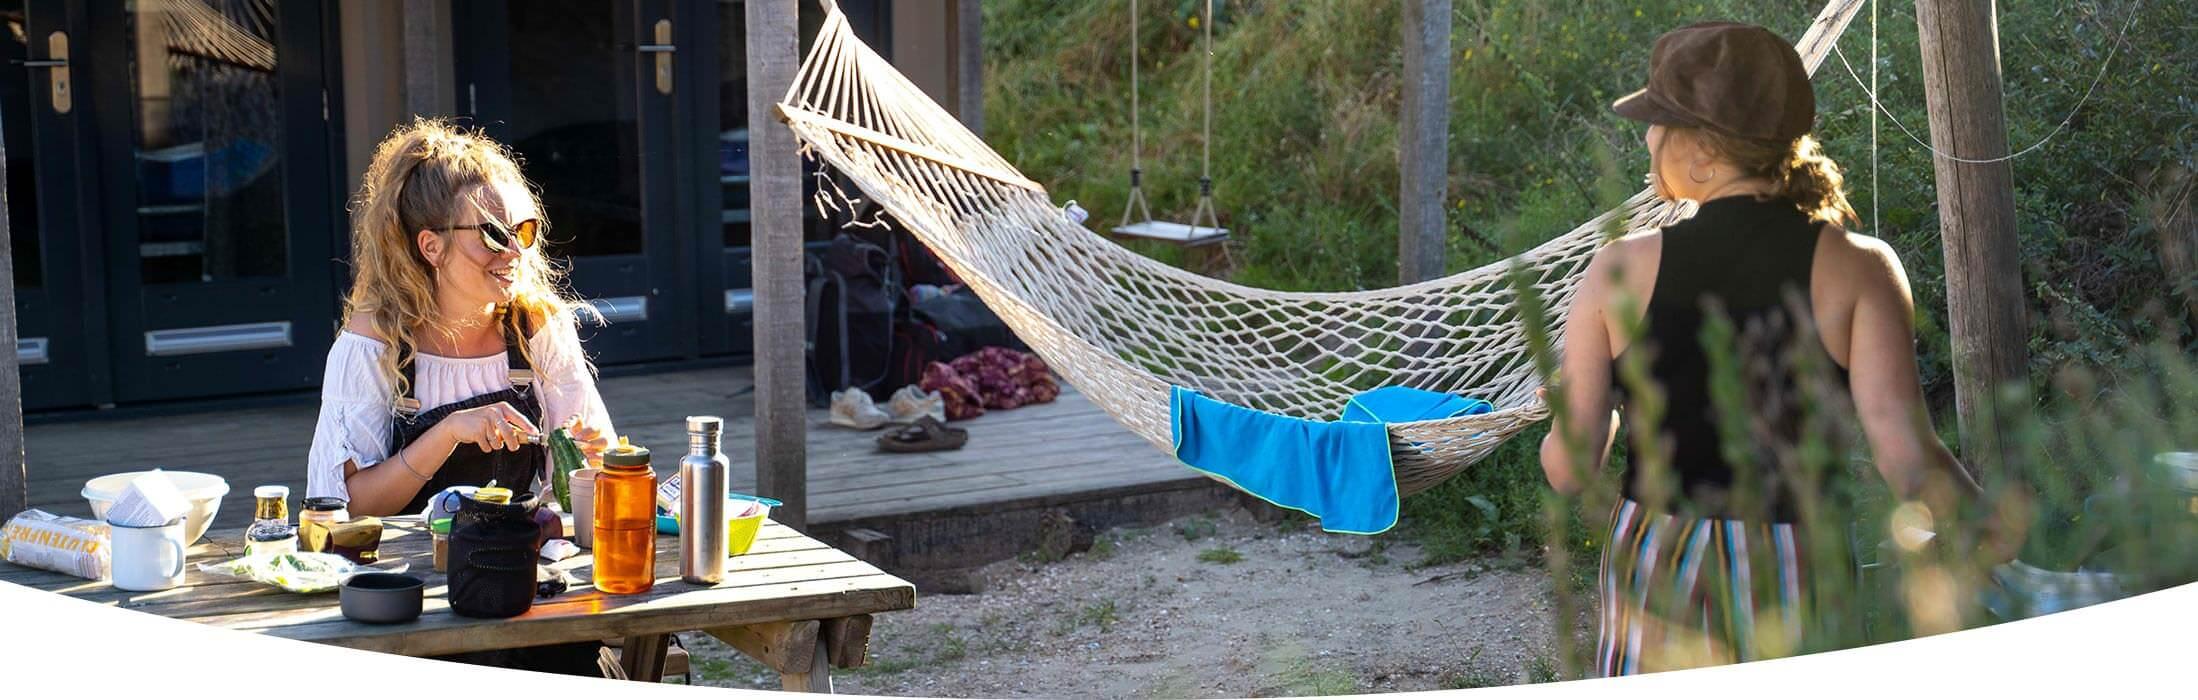 Hangmatten voor campings en B&B's